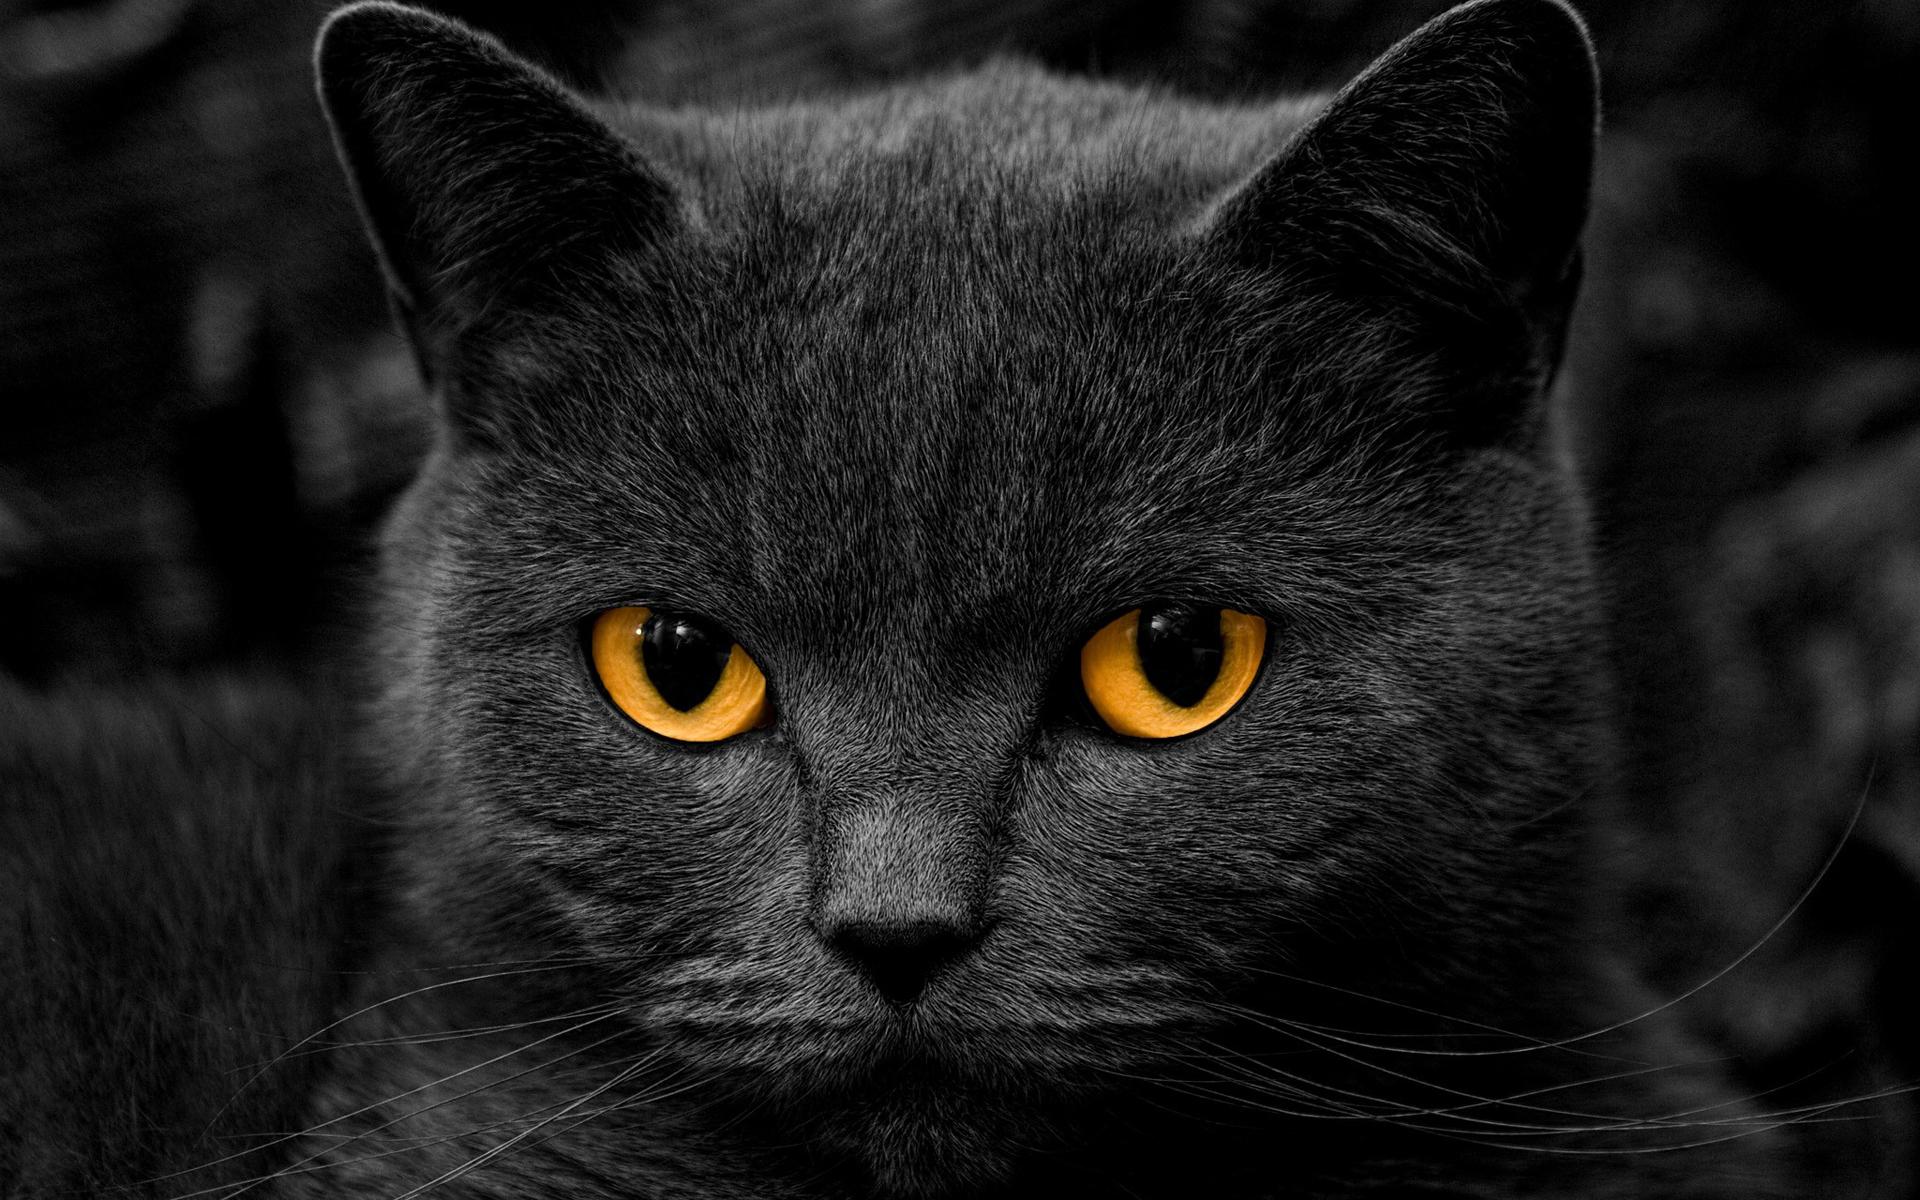 Black Cat Hd Wallpapers Wallpaper Cave